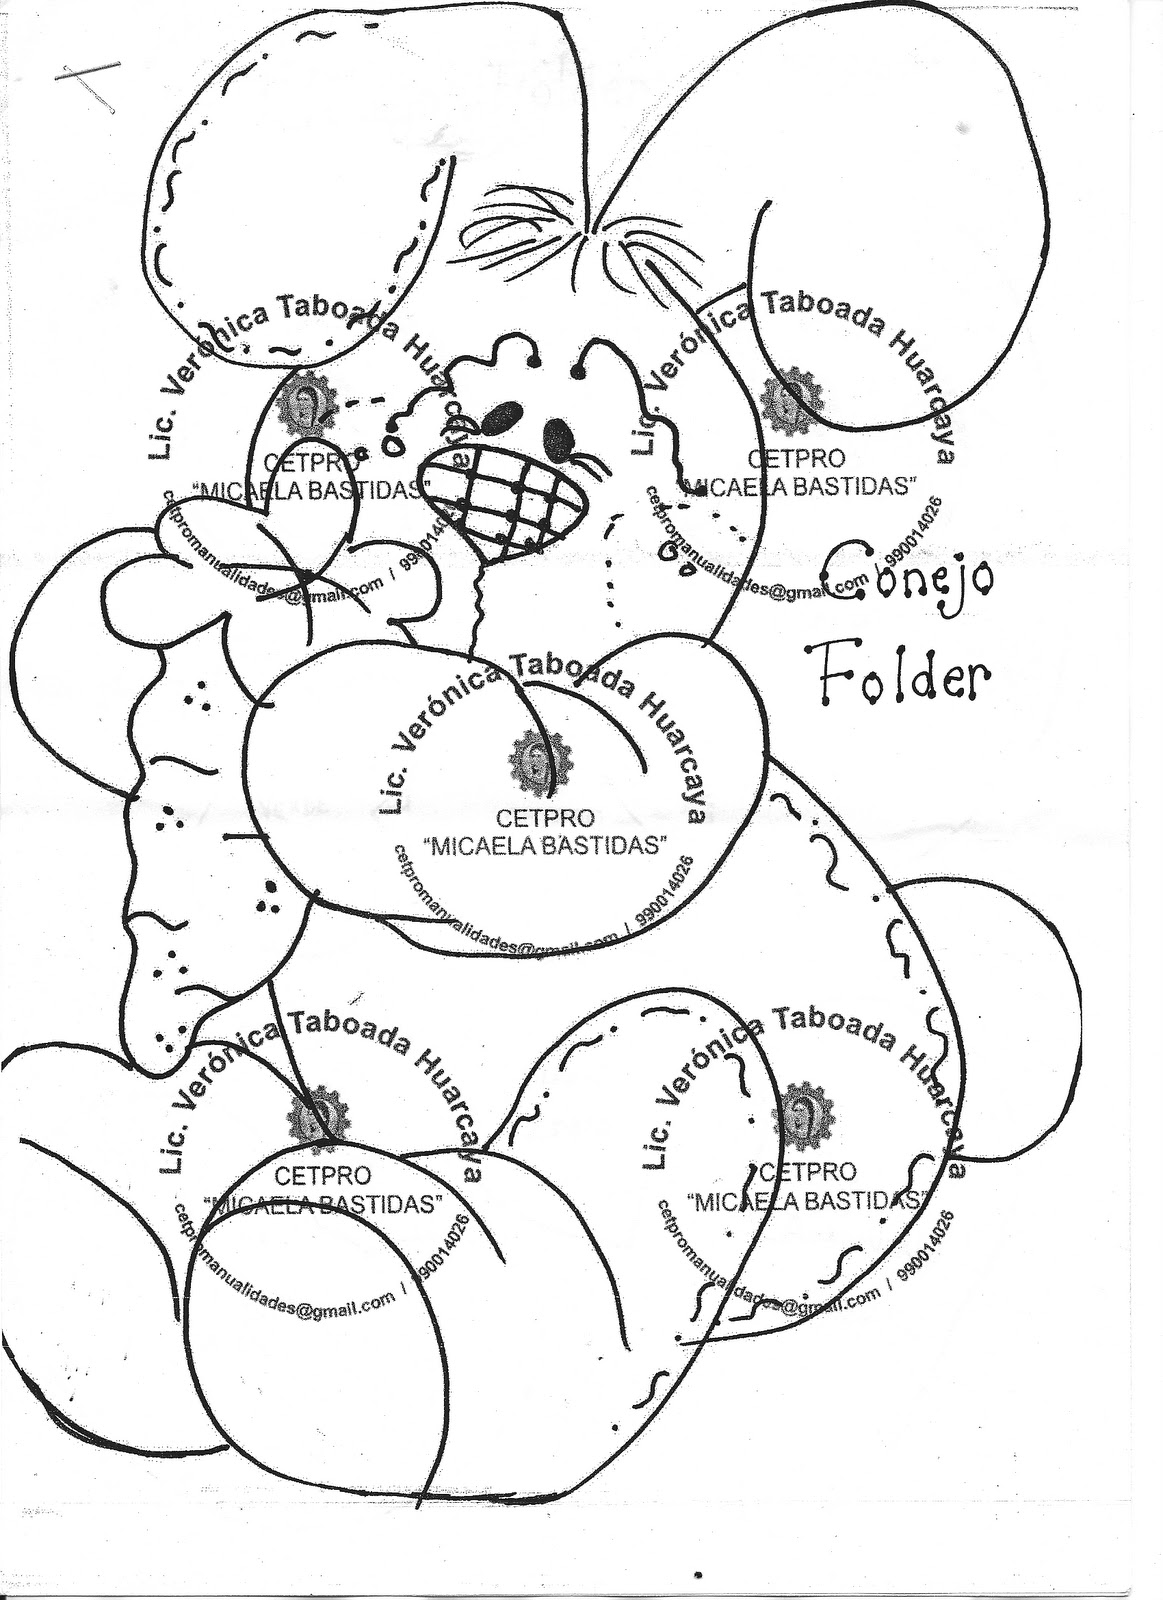 MOLDES DE MICROPOROSO - FOMIS